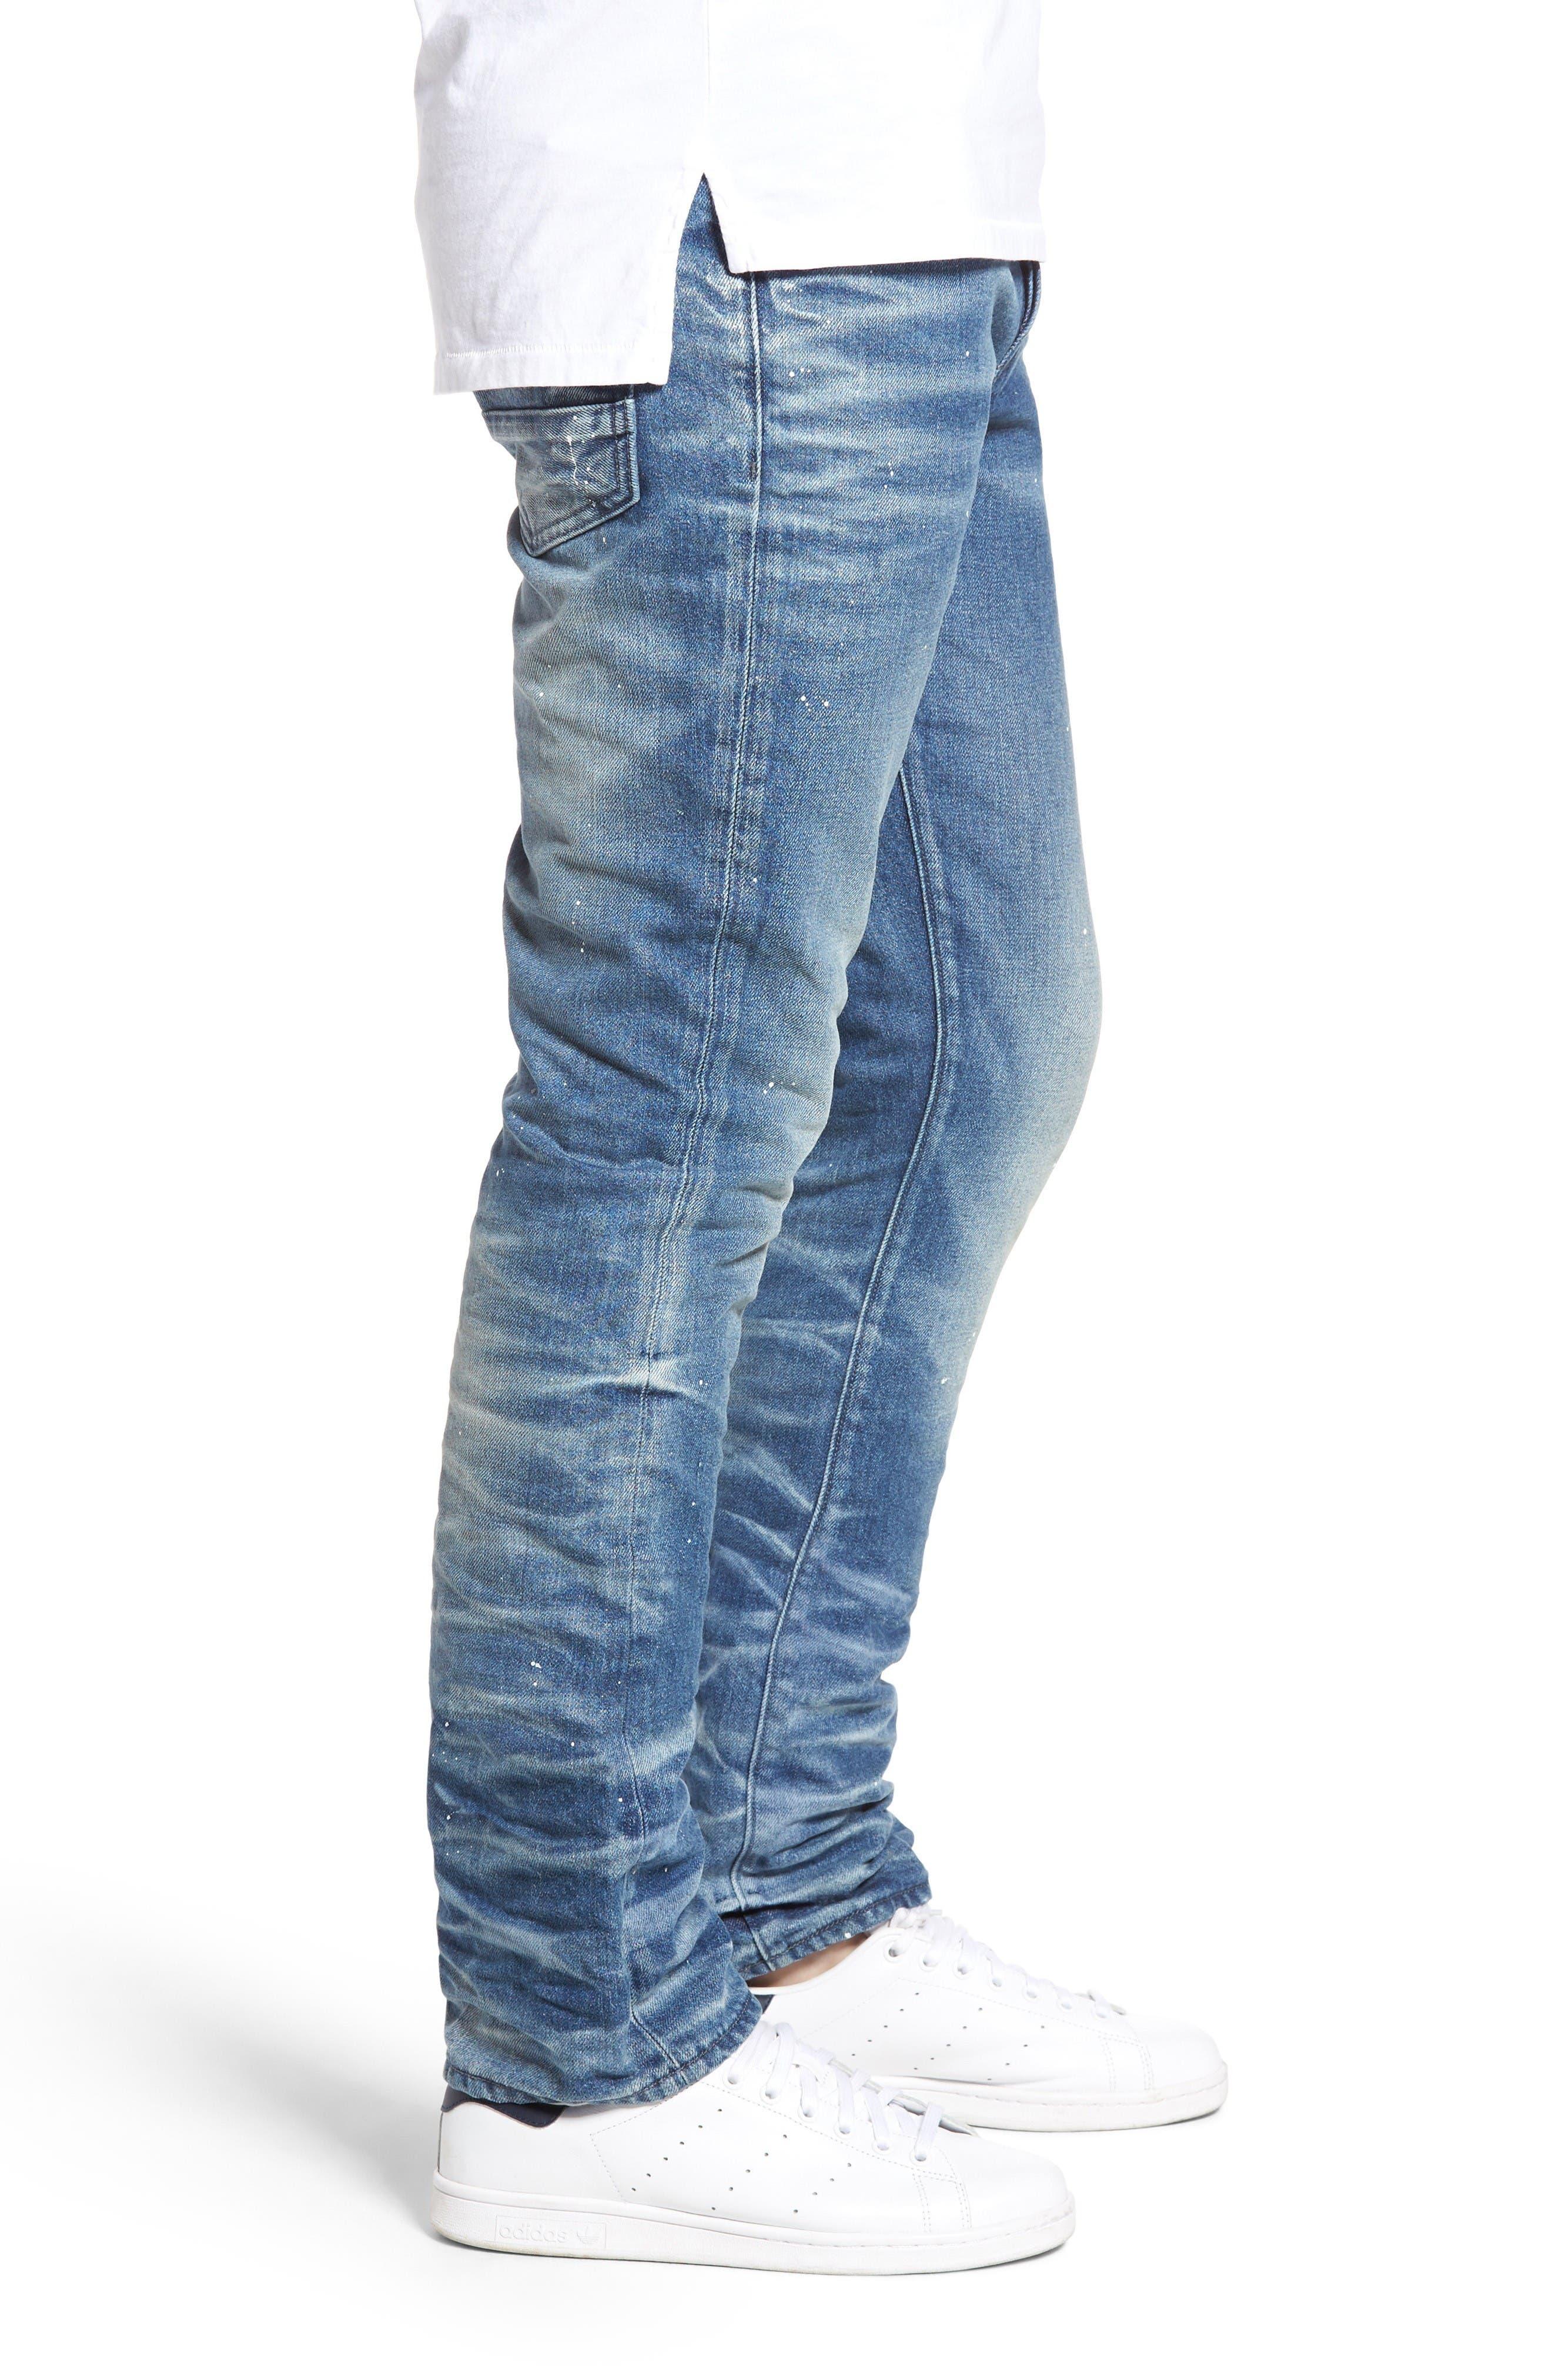 Demon Slim Straight Leg Jeans,                             Alternate thumbnail 3, color,                             Mediam